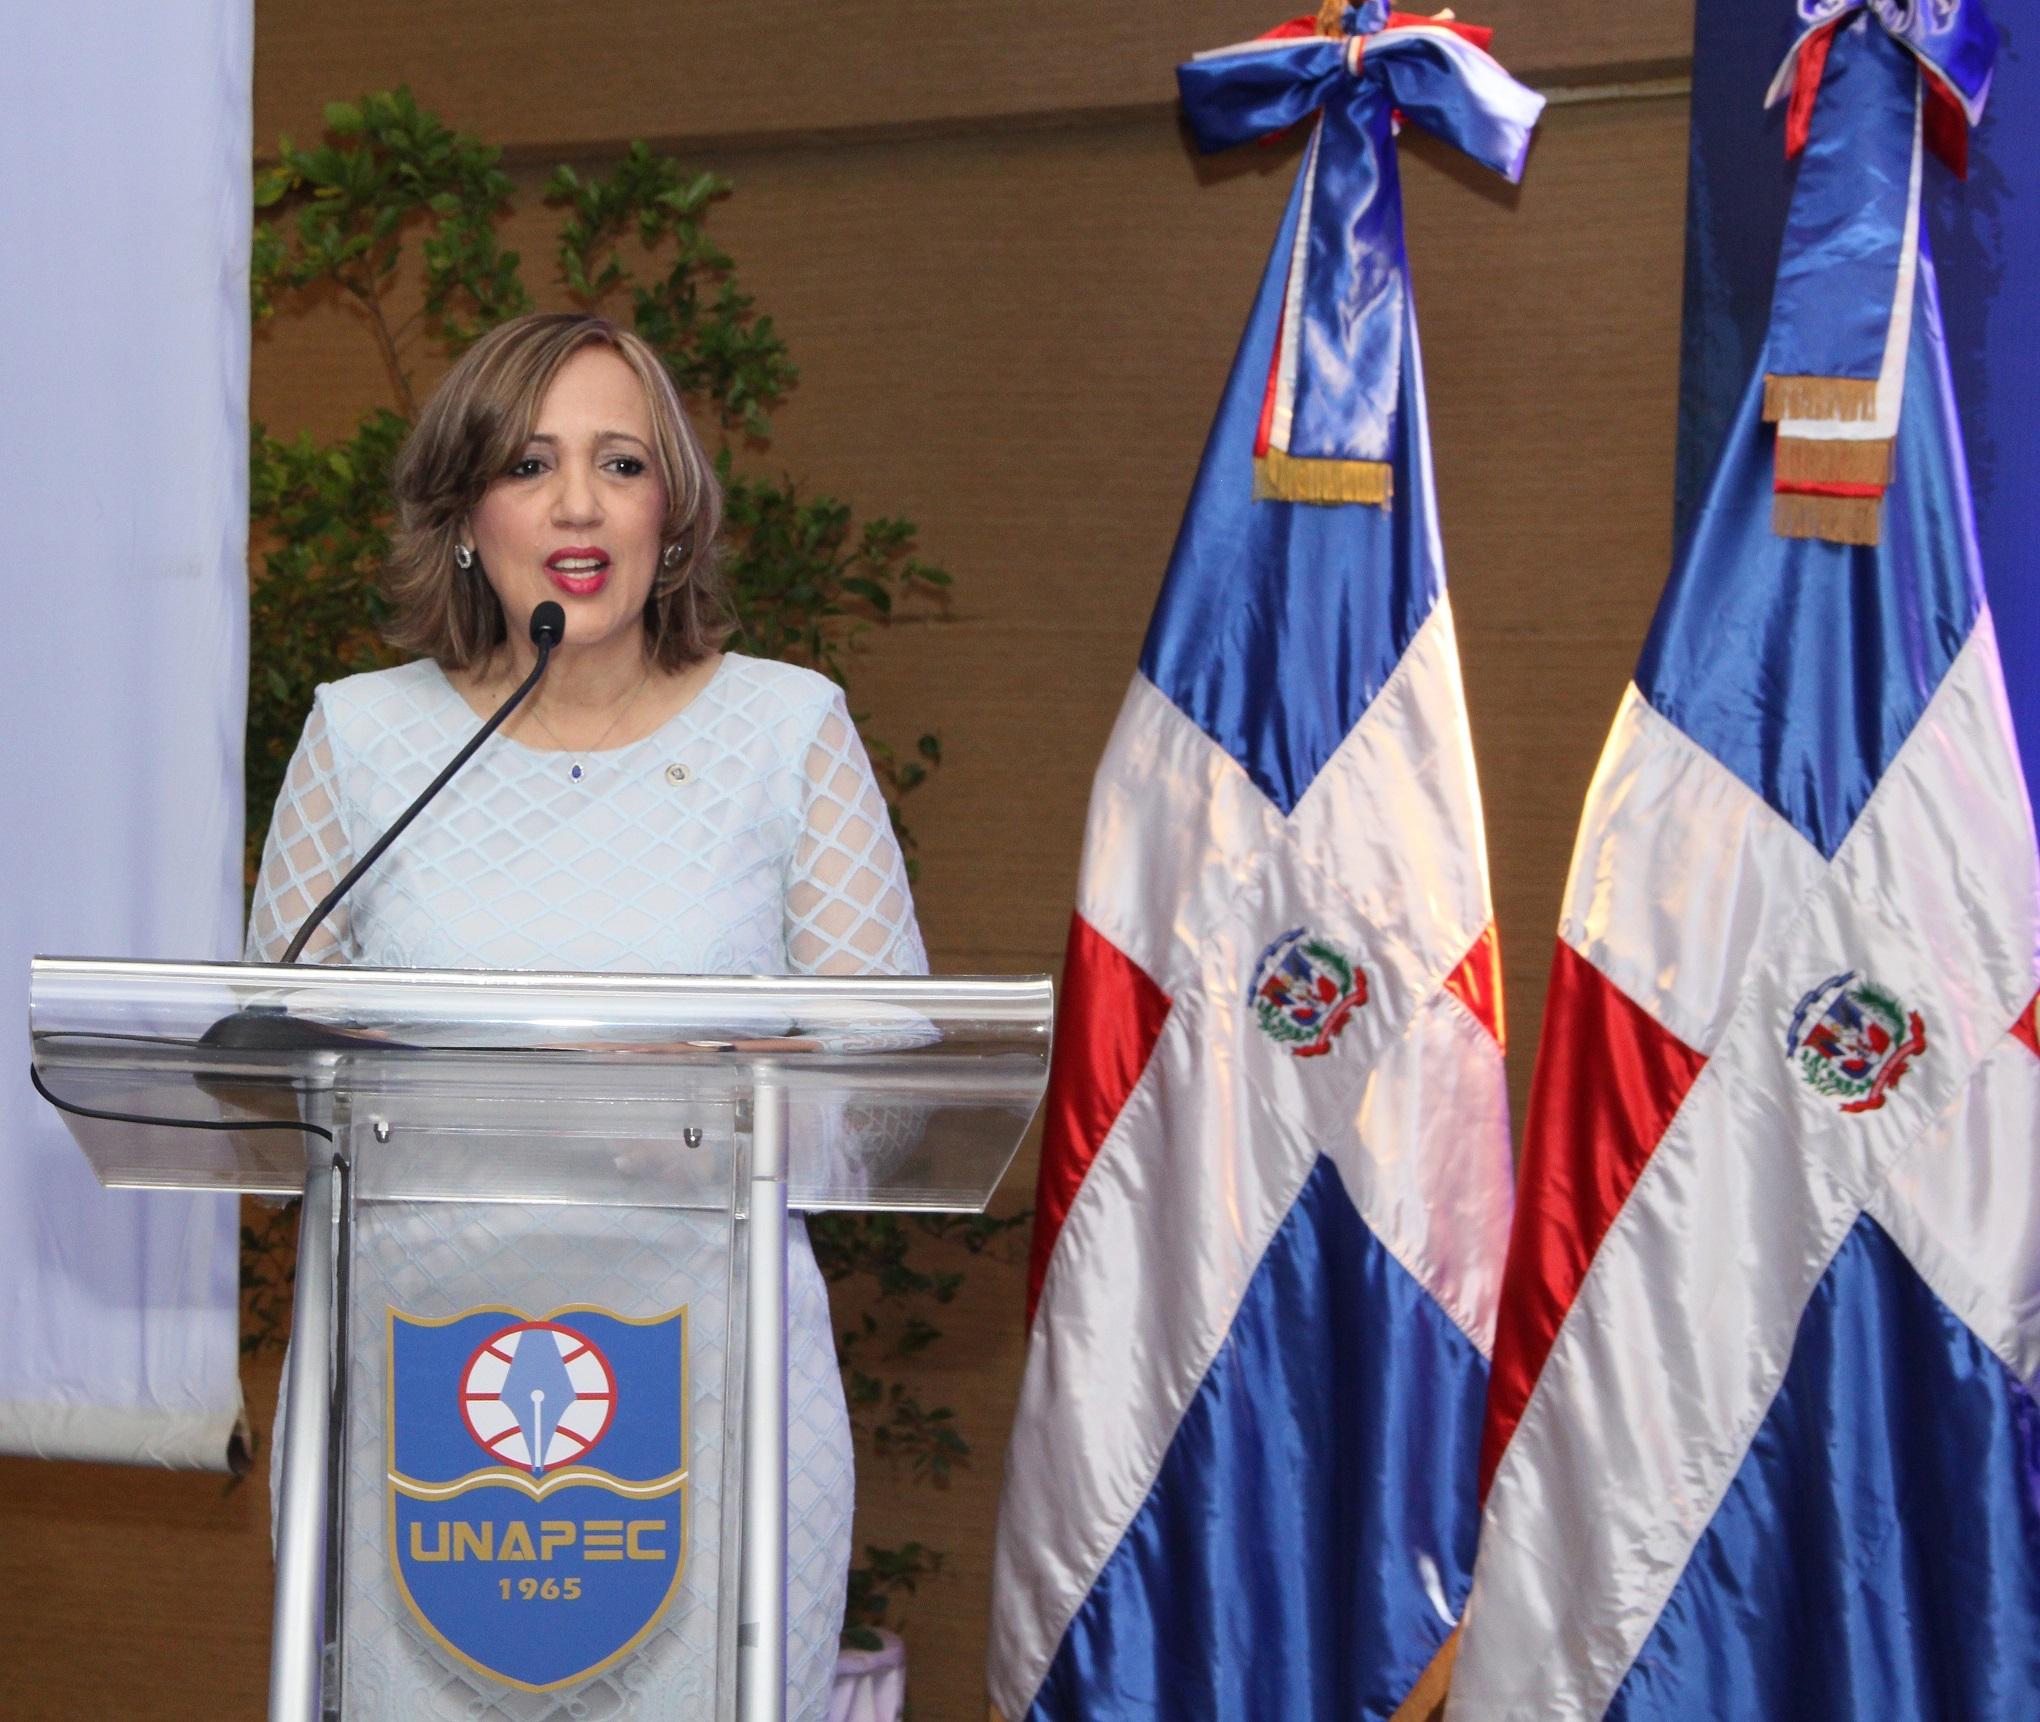 Decana de Ciencias Económicas y Empresariales de UNAPEC, doctora Aida Roca.